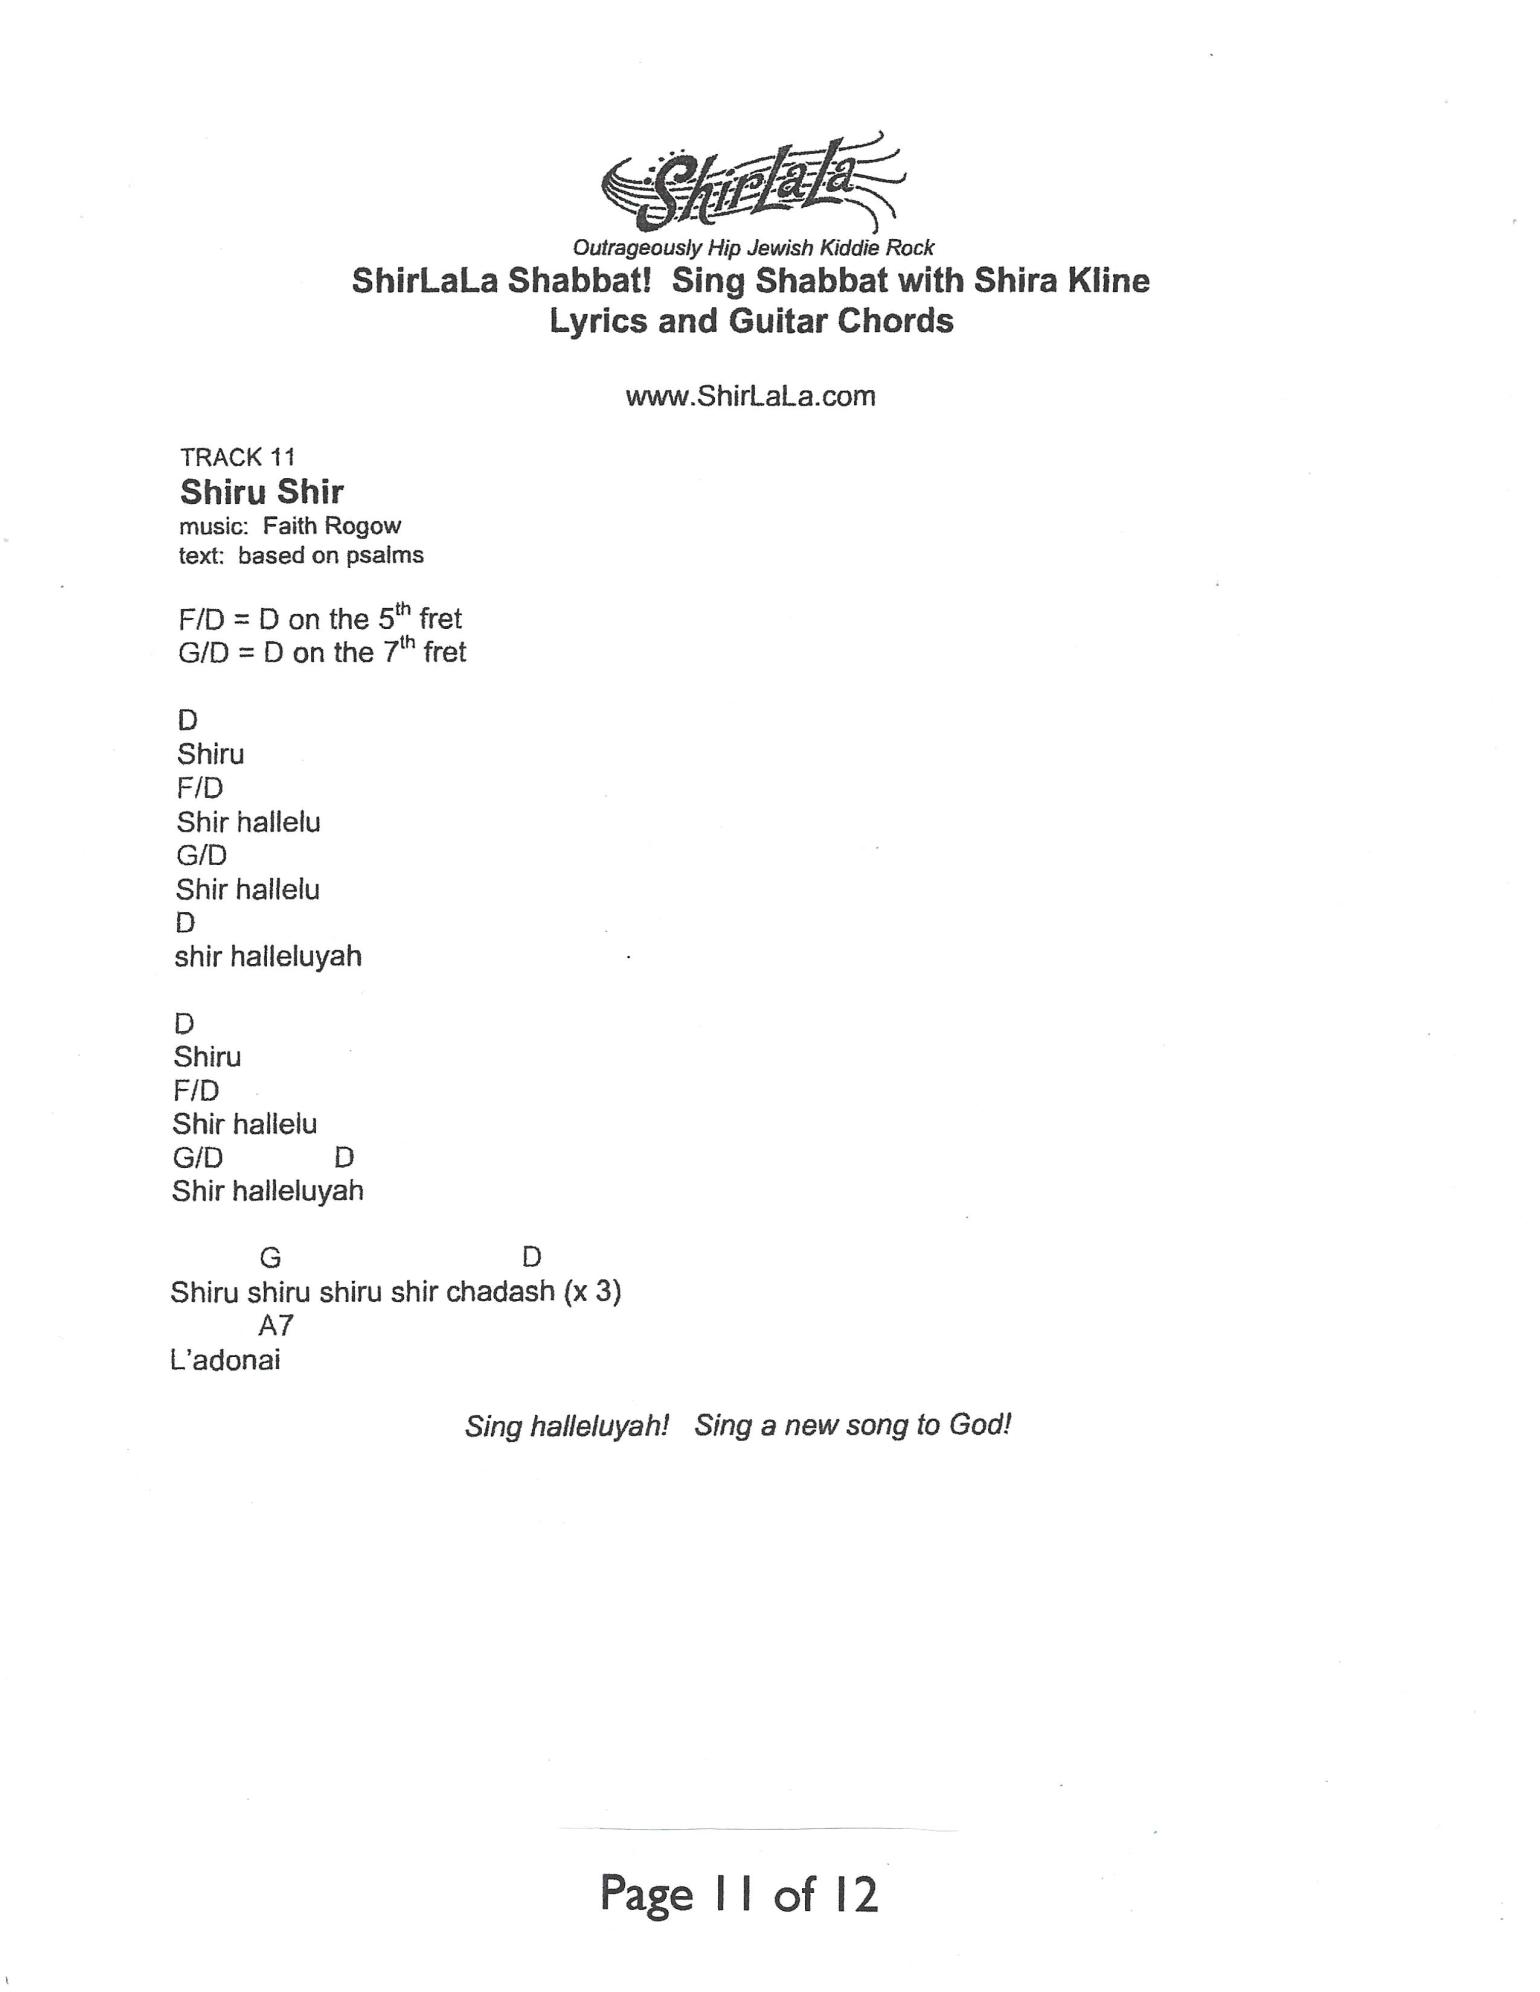 PJ Shabbat Siddur rev 8-15-19_Page_11